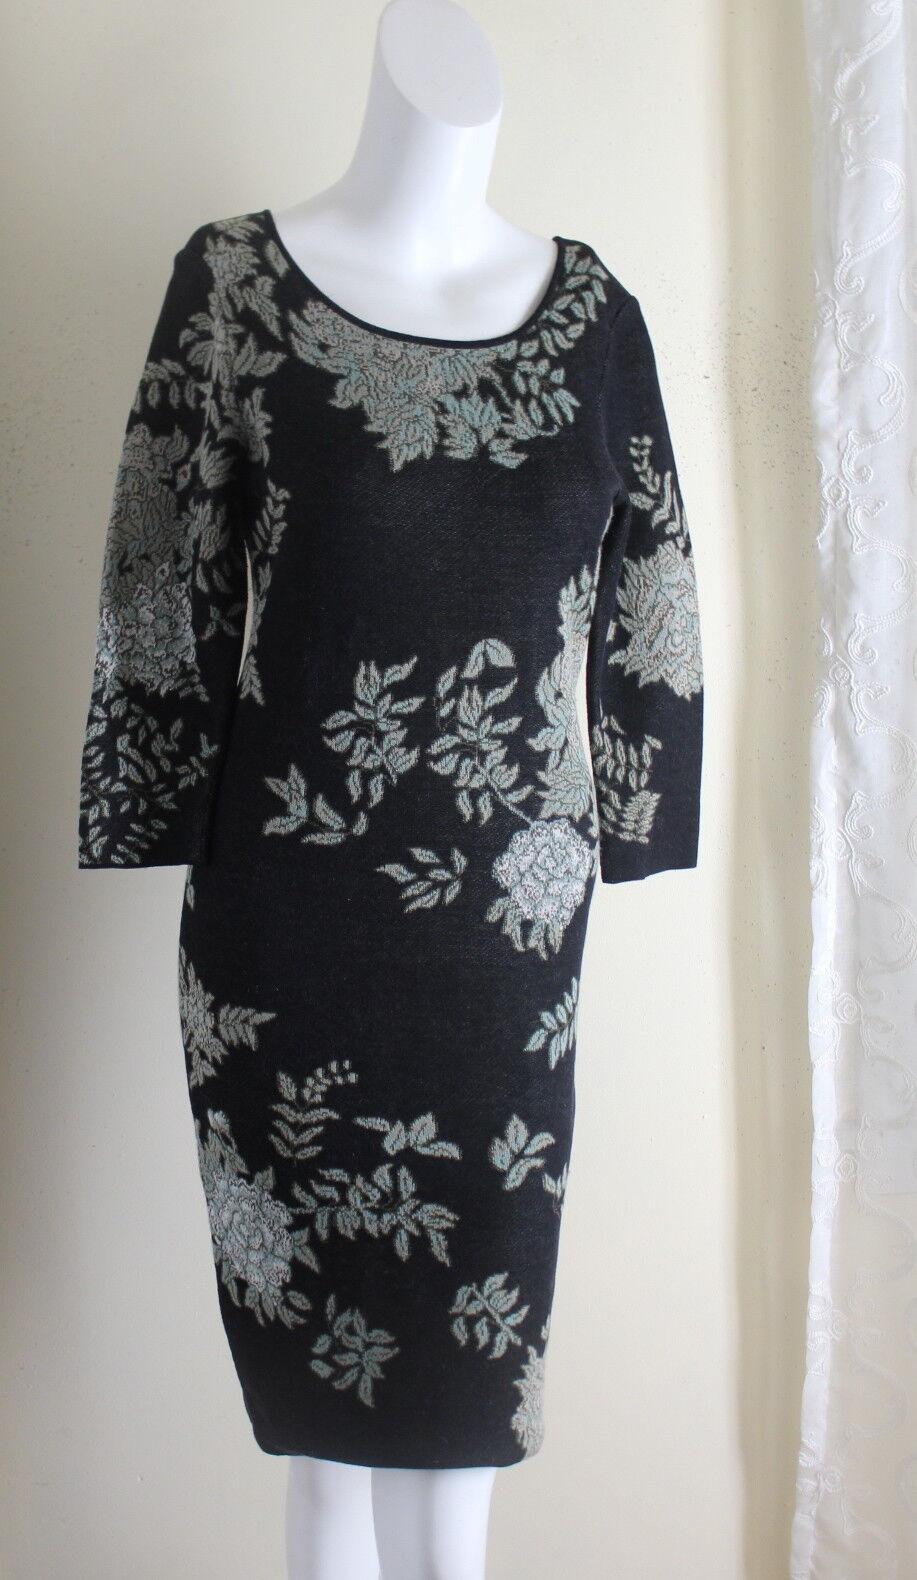 Peruansk anslutning  Sz XS konst -to -wear Pima Cotton Knit Flor tröja Dress